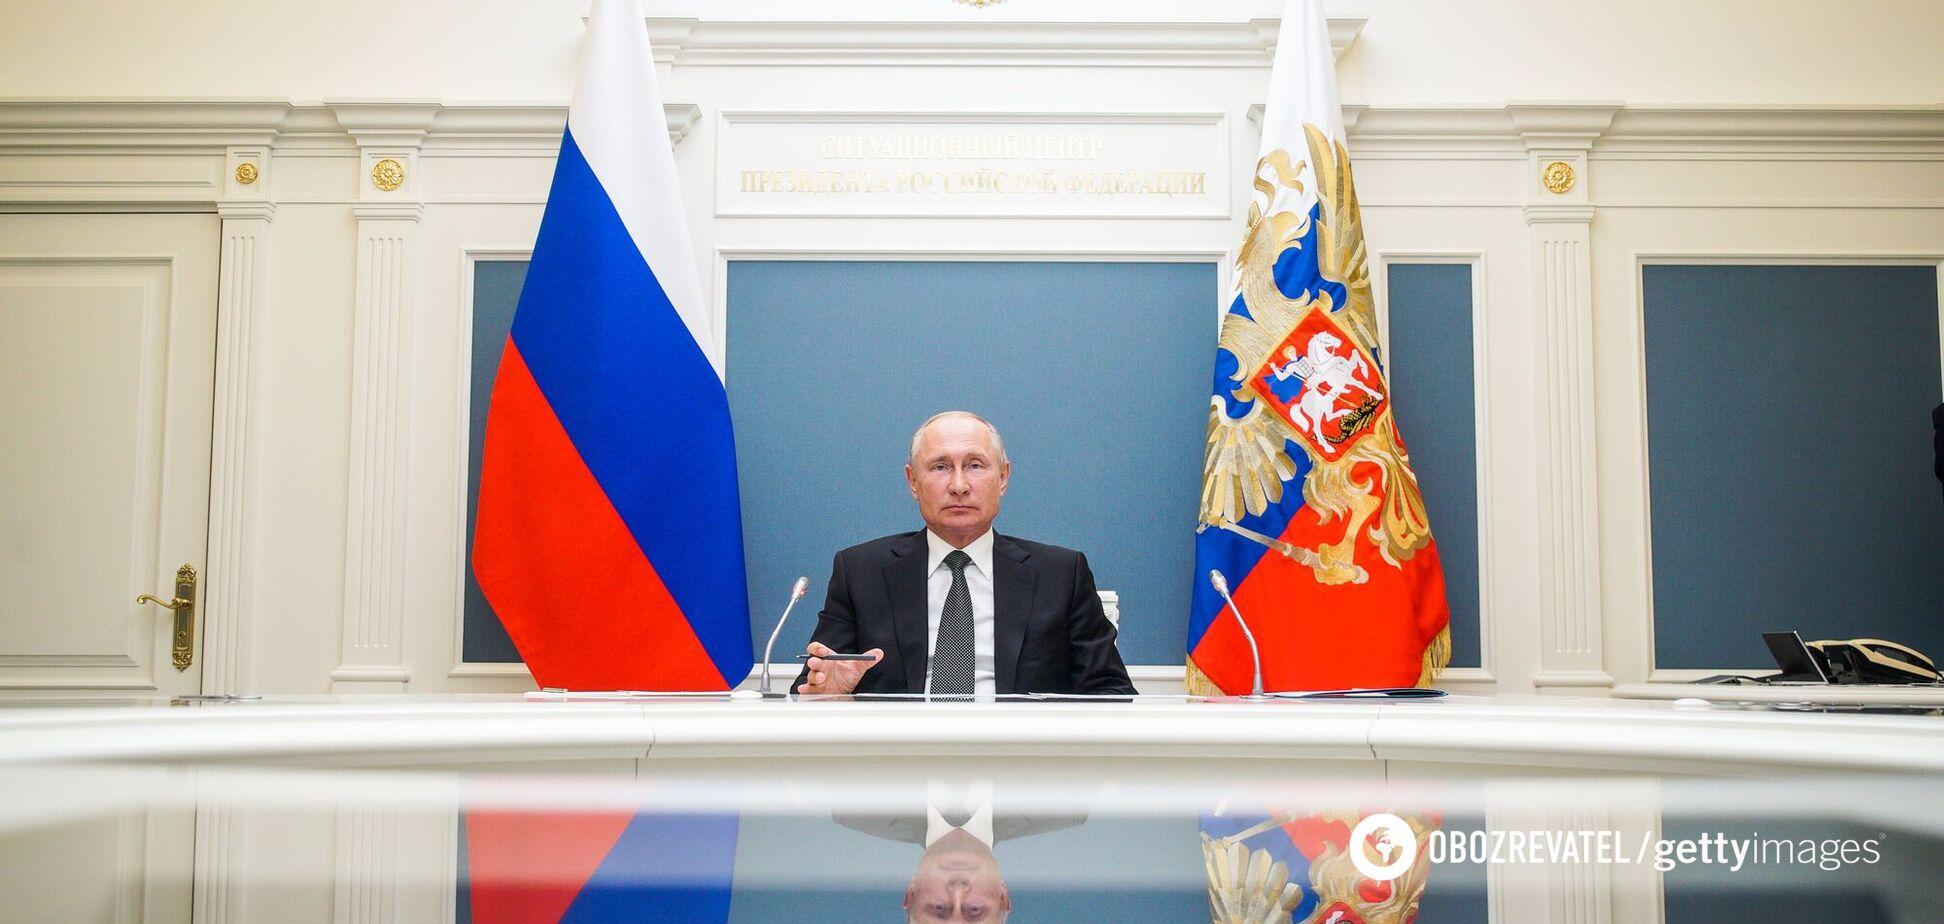 Старий дід і внучок. Чого чекати в четвер від пресконференції Путіна